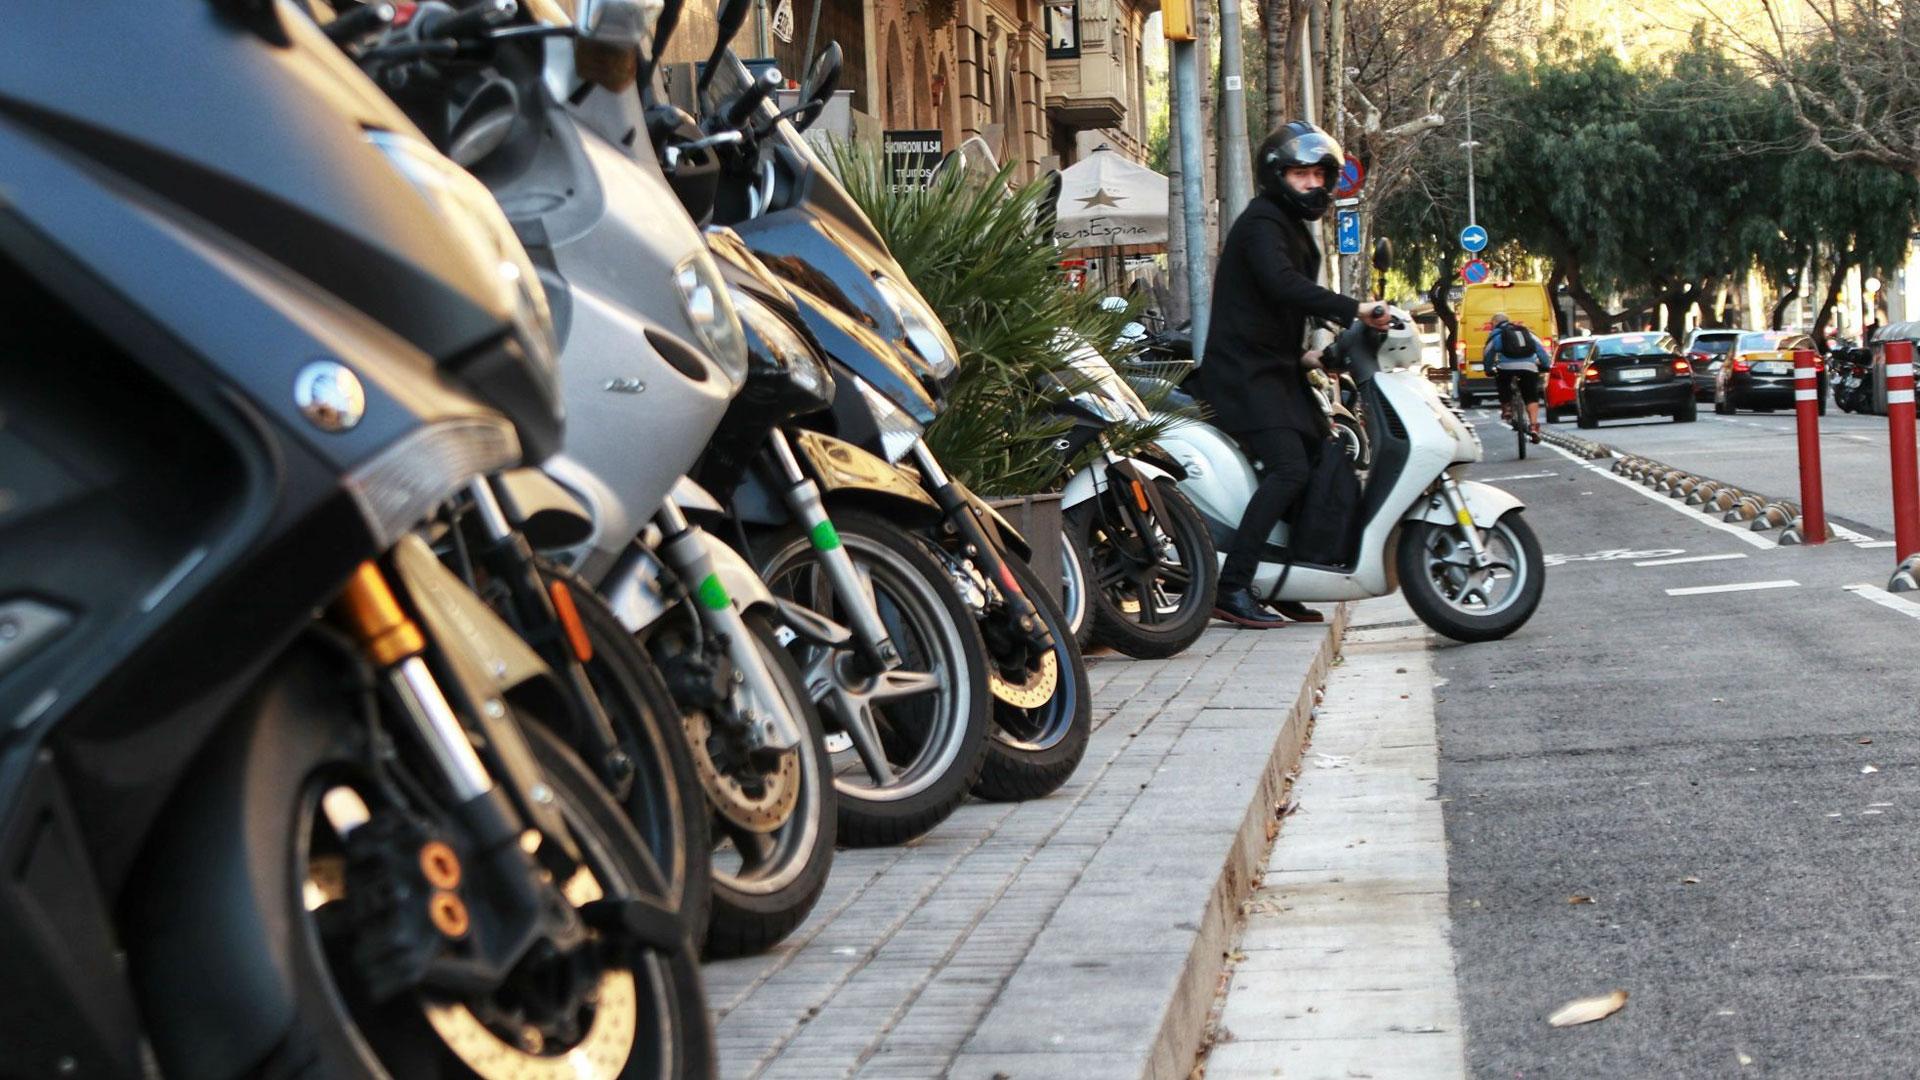 Barcelona a contracorriente con la movilidad, ANESDOR pide respuestas realistas